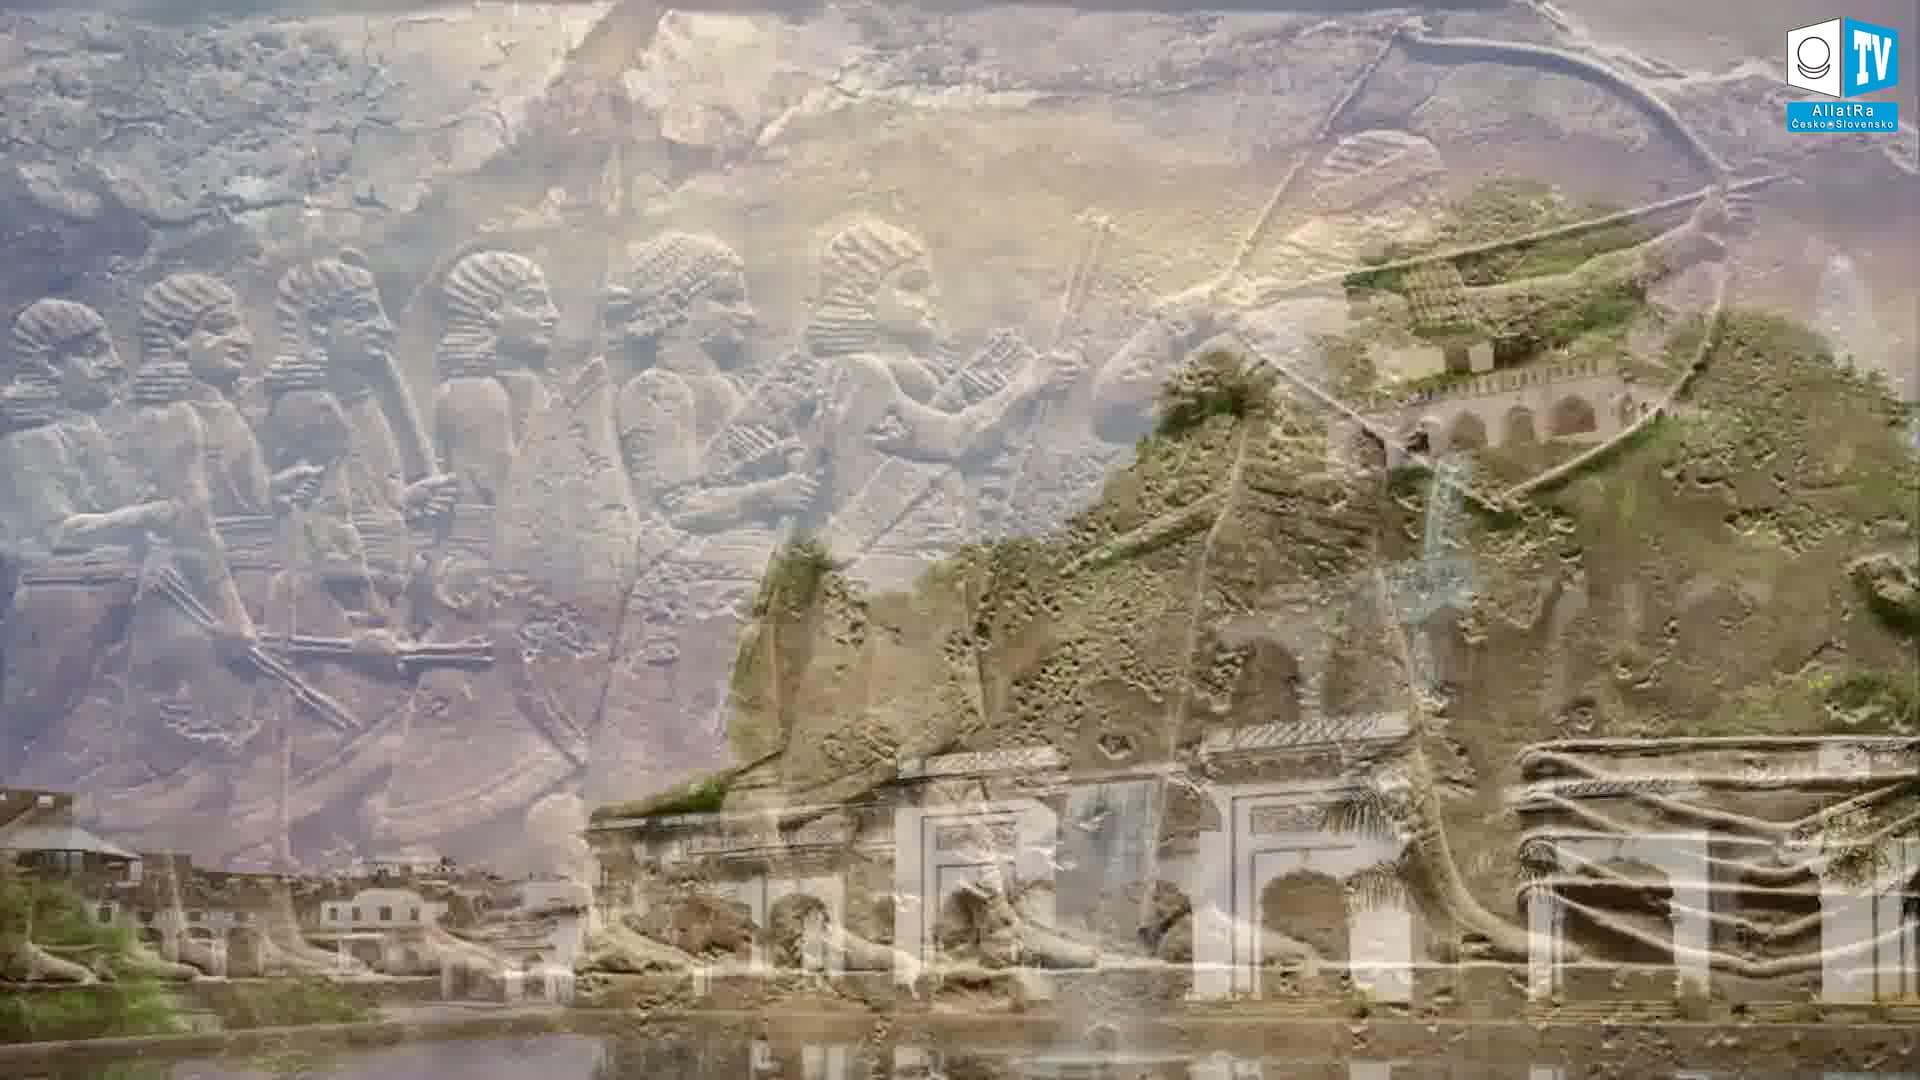 Cizí národy Mezopotámie. Foto